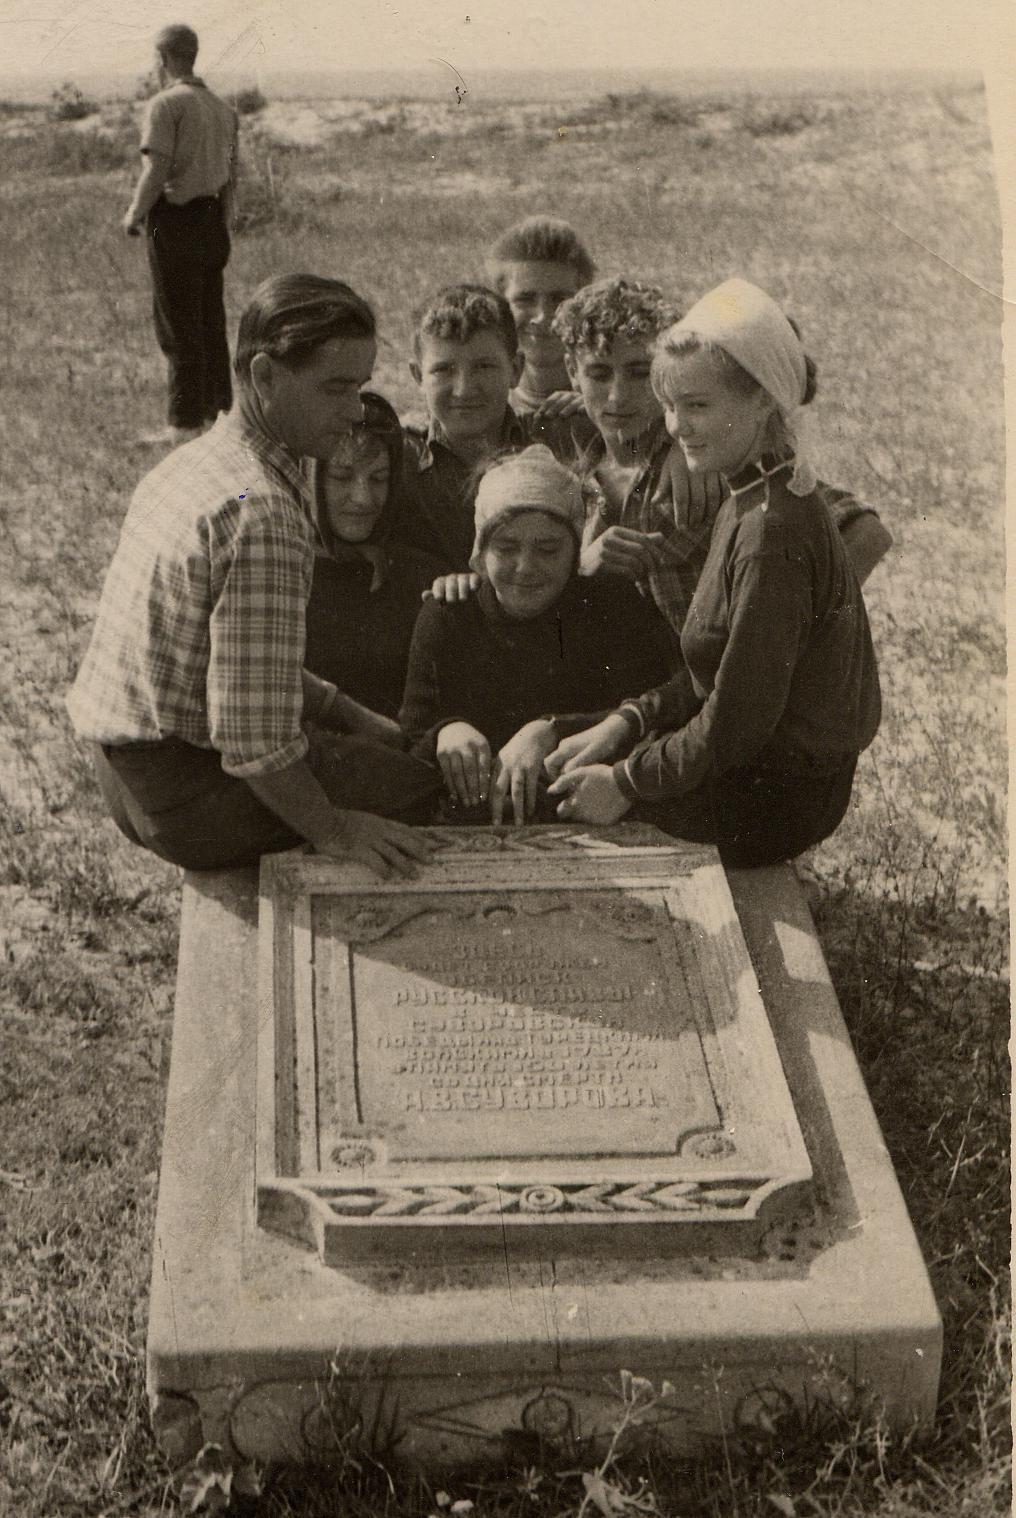 У плиты: Пономарь В.К., Пономарь Л.В. и ученики школы-интерант.